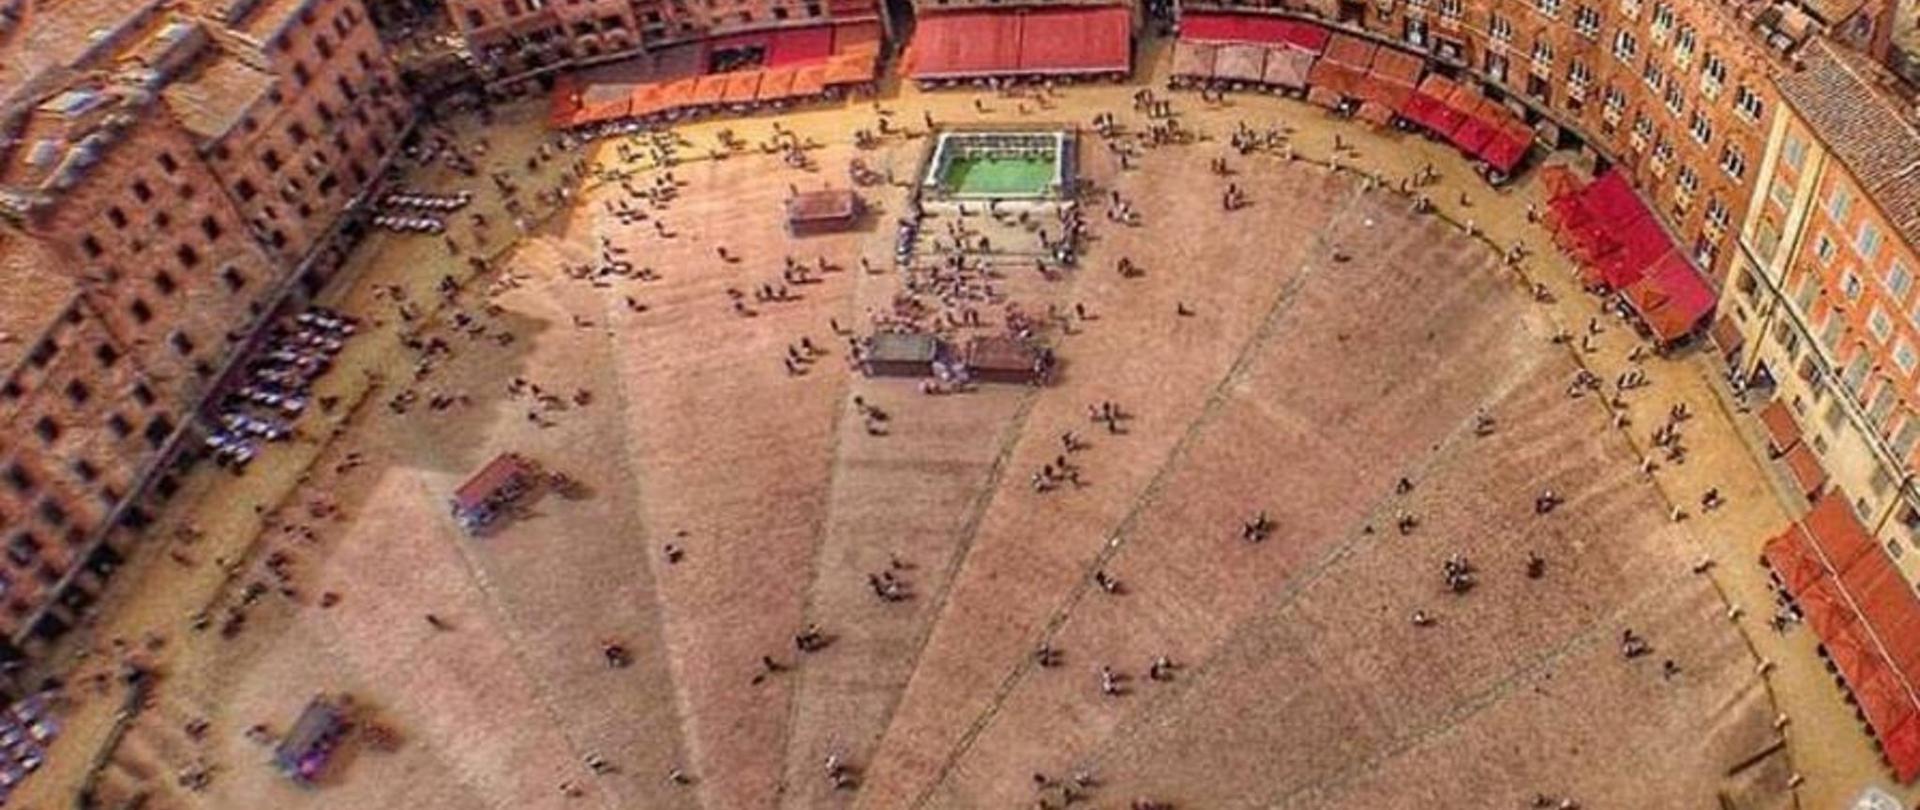 piazza del campo dall'alto.jpg